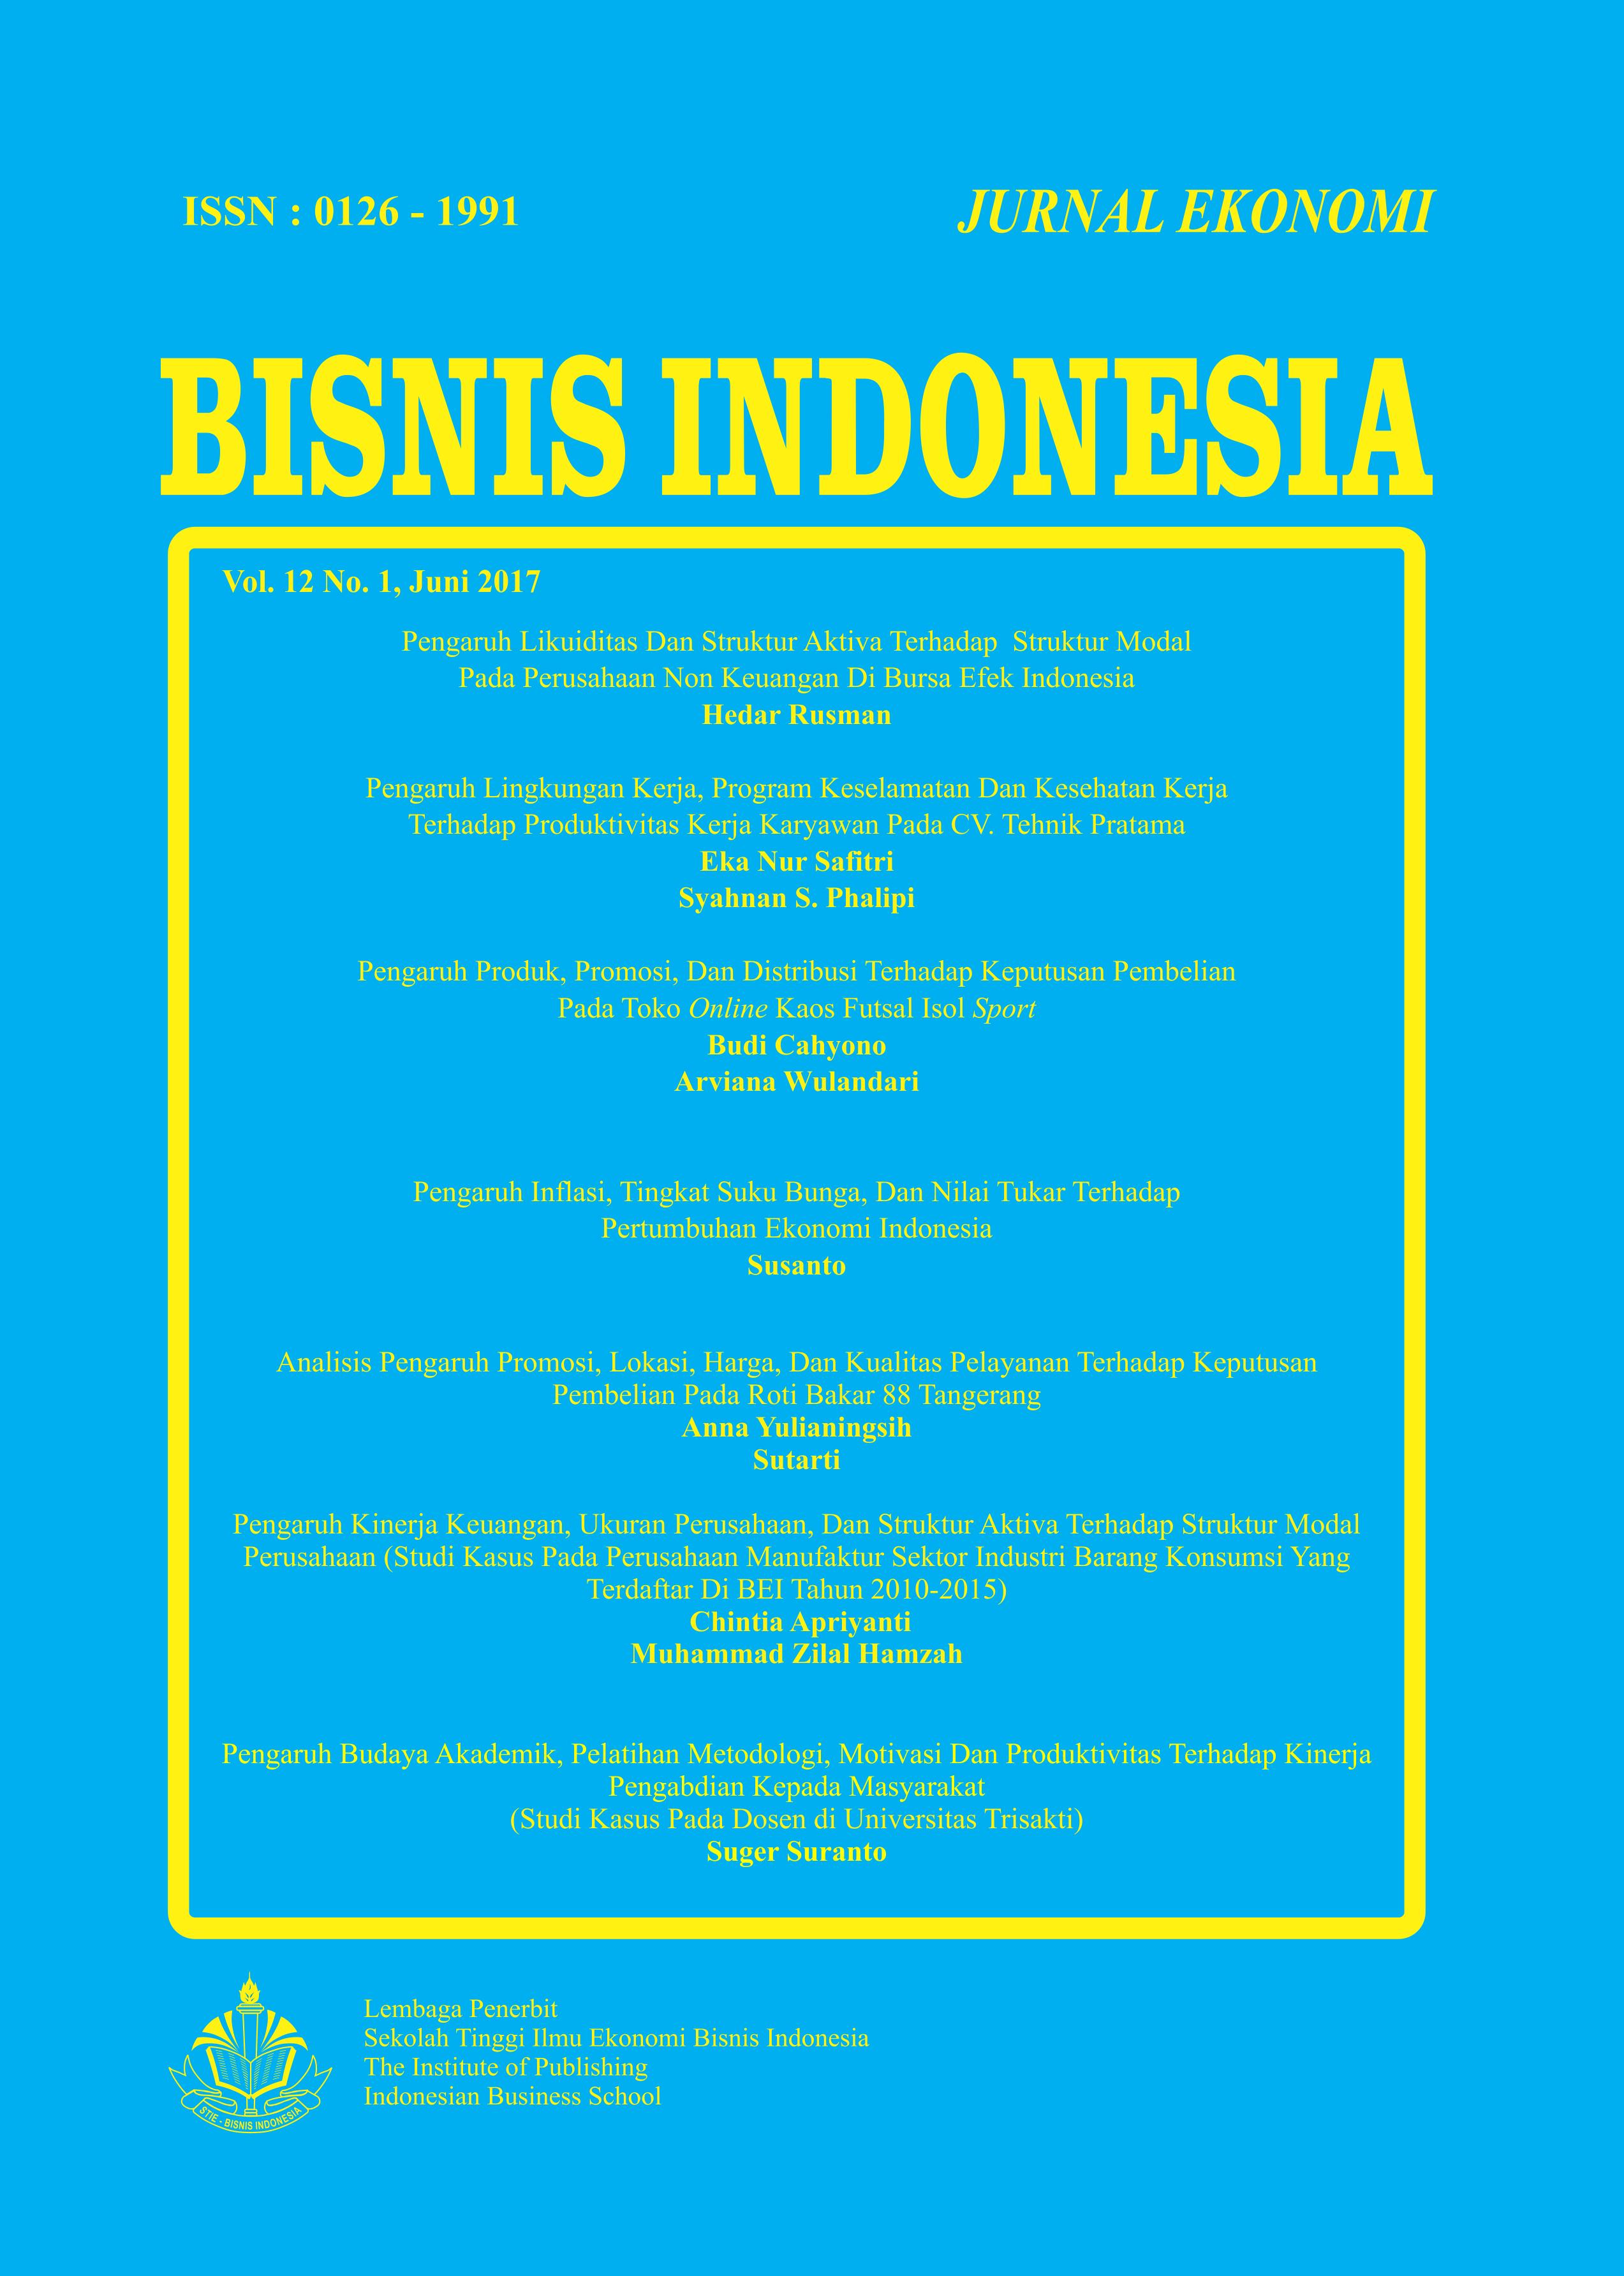 Analisis Pengaruh Promosi Lokasi Harga Dan Kualitas Pelayanan Terhadap Keputusan Pembelian Pada Roti Bakar 88 Tangerang Jurnal Ekonomi Bisnis Indonesia